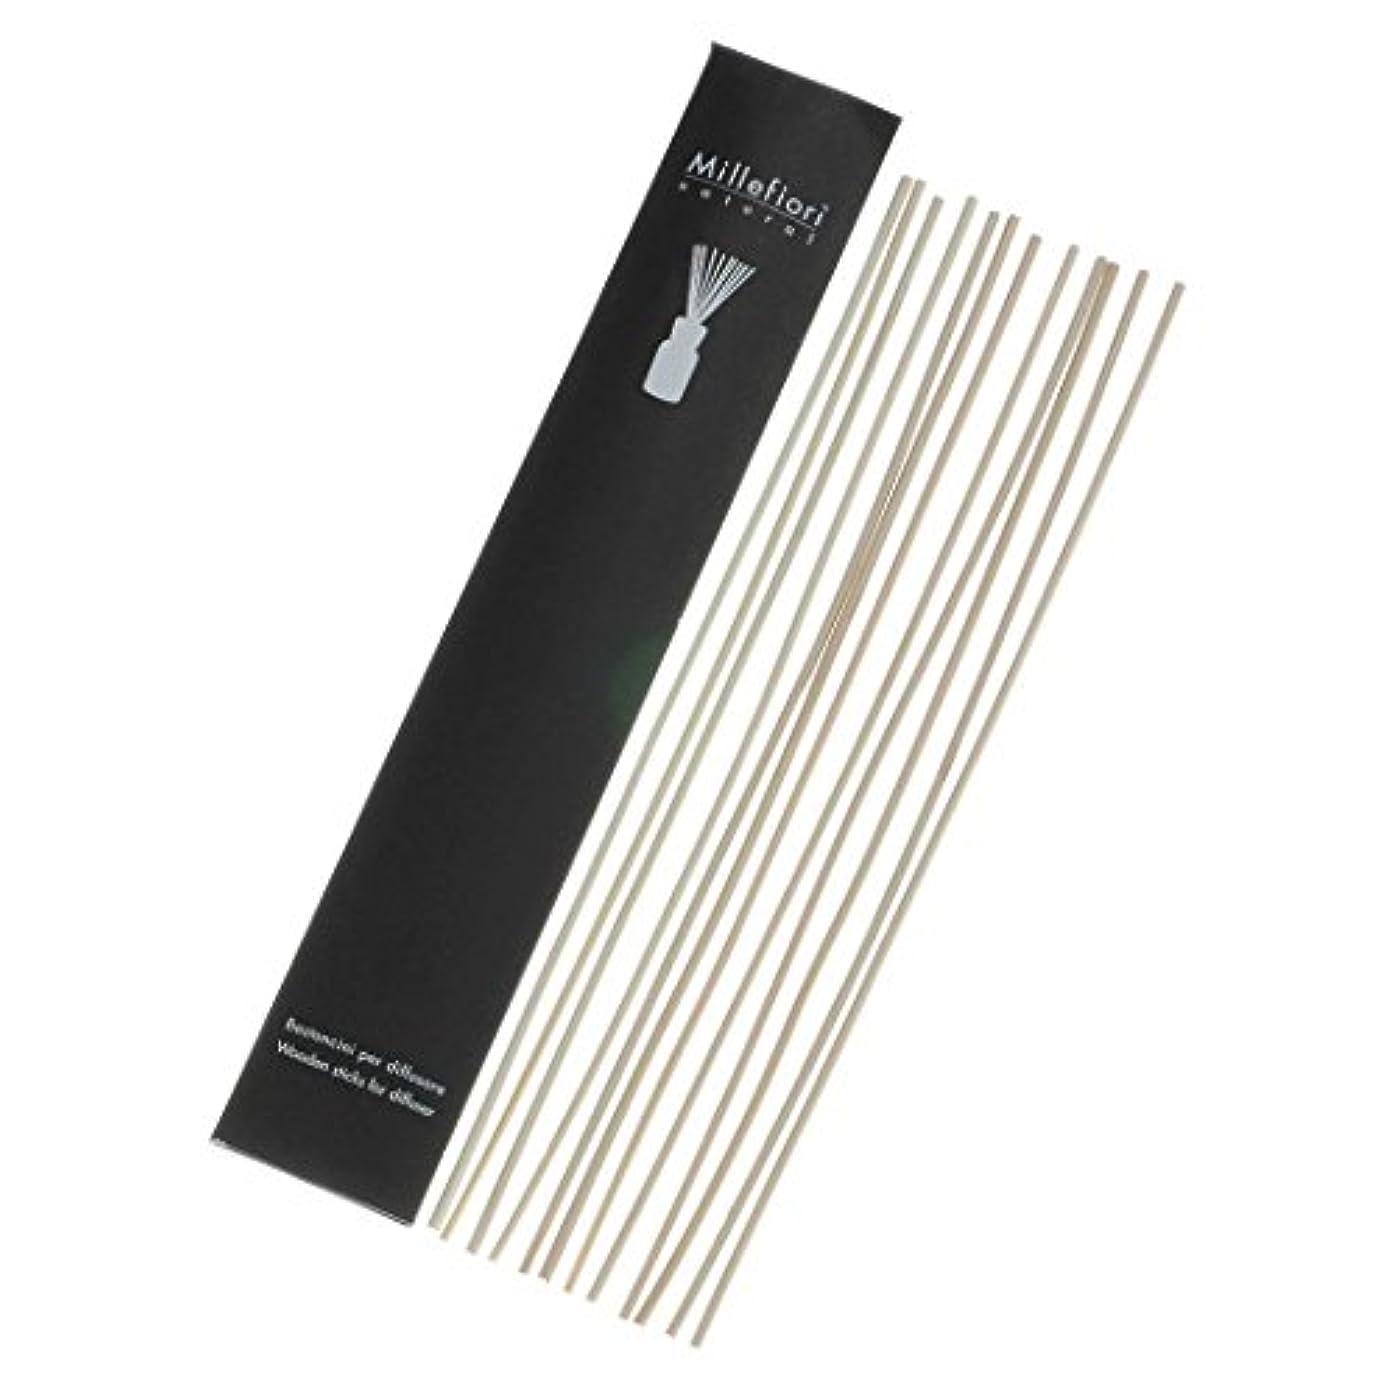 レルム咳レディMillefiori Naturalシリーズ リードディフューザー Lサイズ用 交換用スティック STK-NL-001